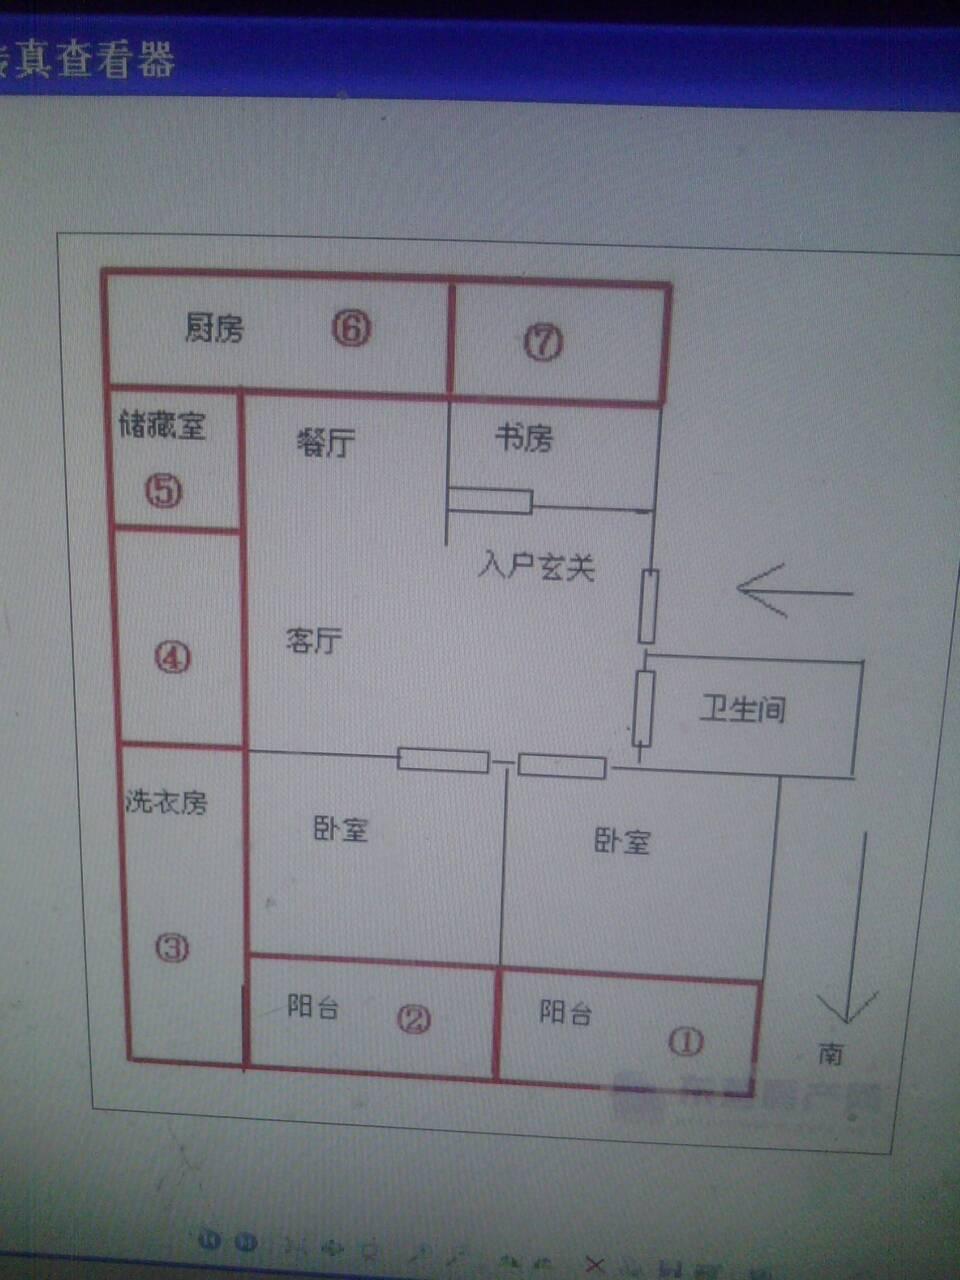 200平方米的房子平面图